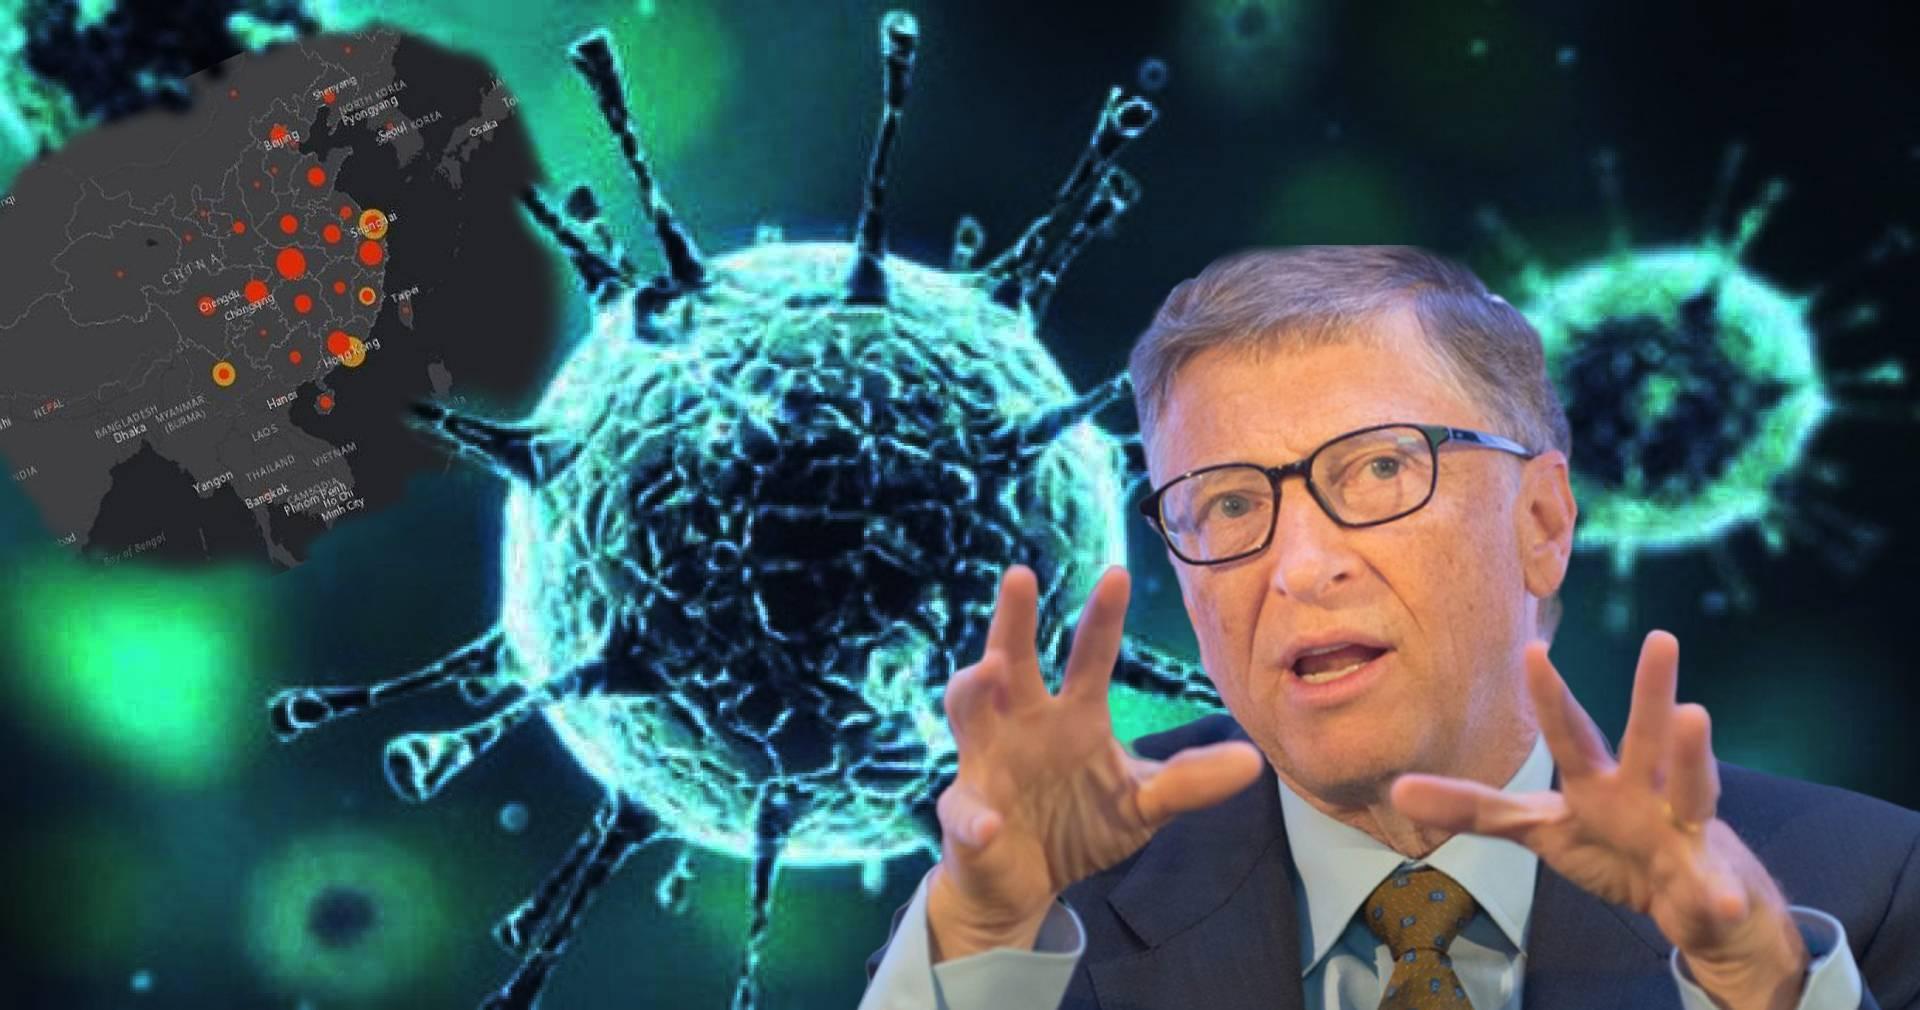 كيف توقع «بيل غيتس» ظهور فيروس كورونا في الصين منذ عام؟